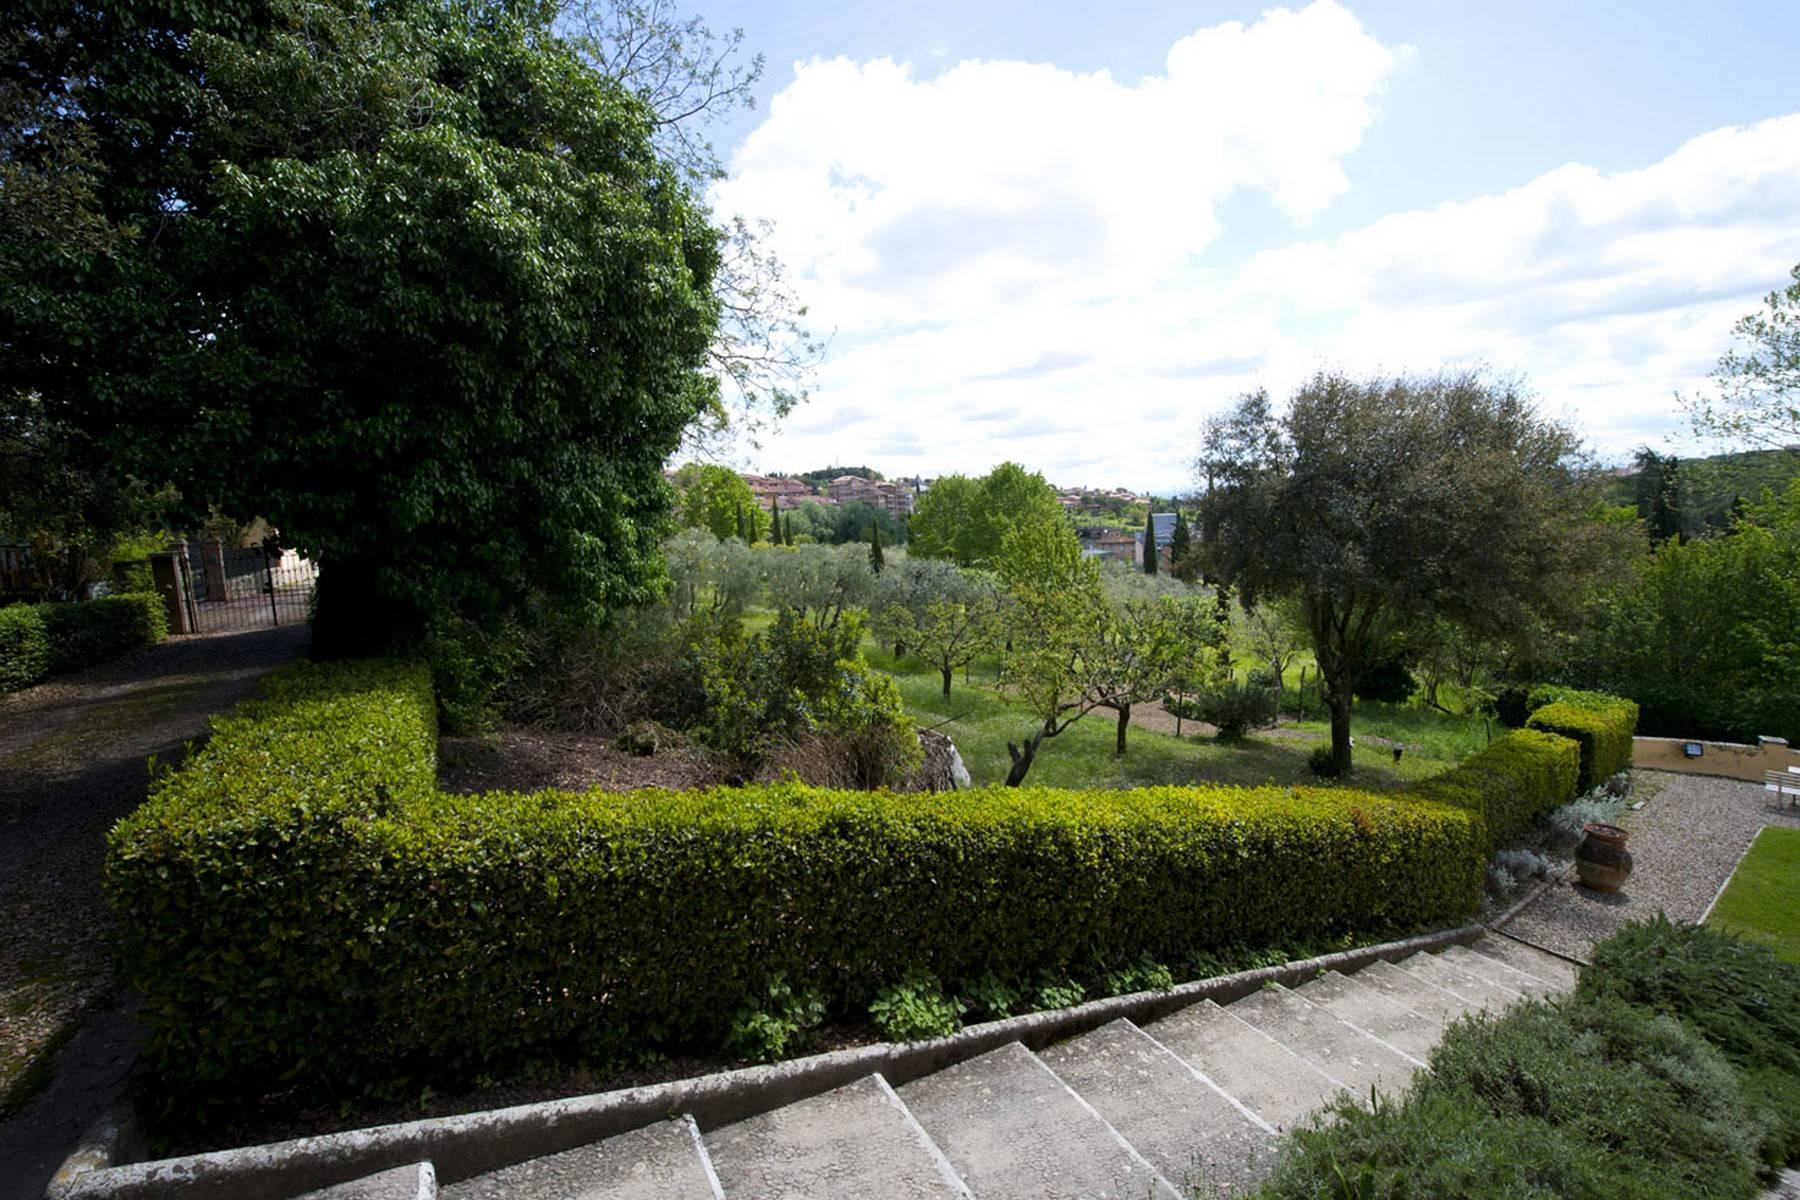 Spettacolare Villa Aristocratica alle Porte di Siena - 29